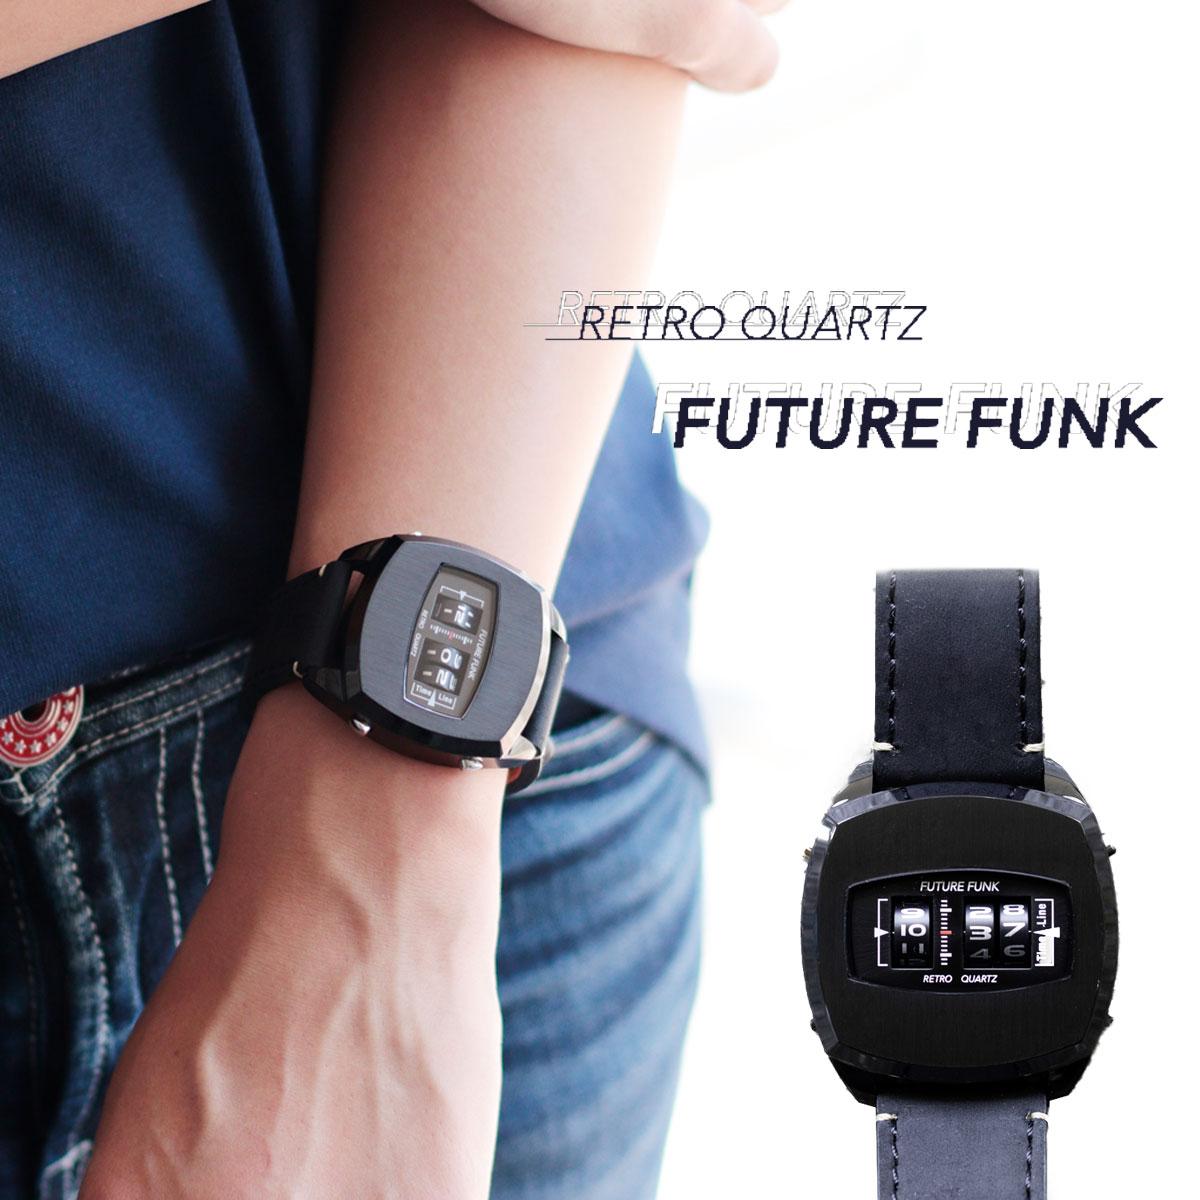 FUTURE FUNK フューチャーファンク FF101-BK-LBK クオーツ腕時計 メンズ レディース ペア ユニセックス シルバー/ブラック アナログ デジタル ウォッチ スクエア ギフト プレゼント